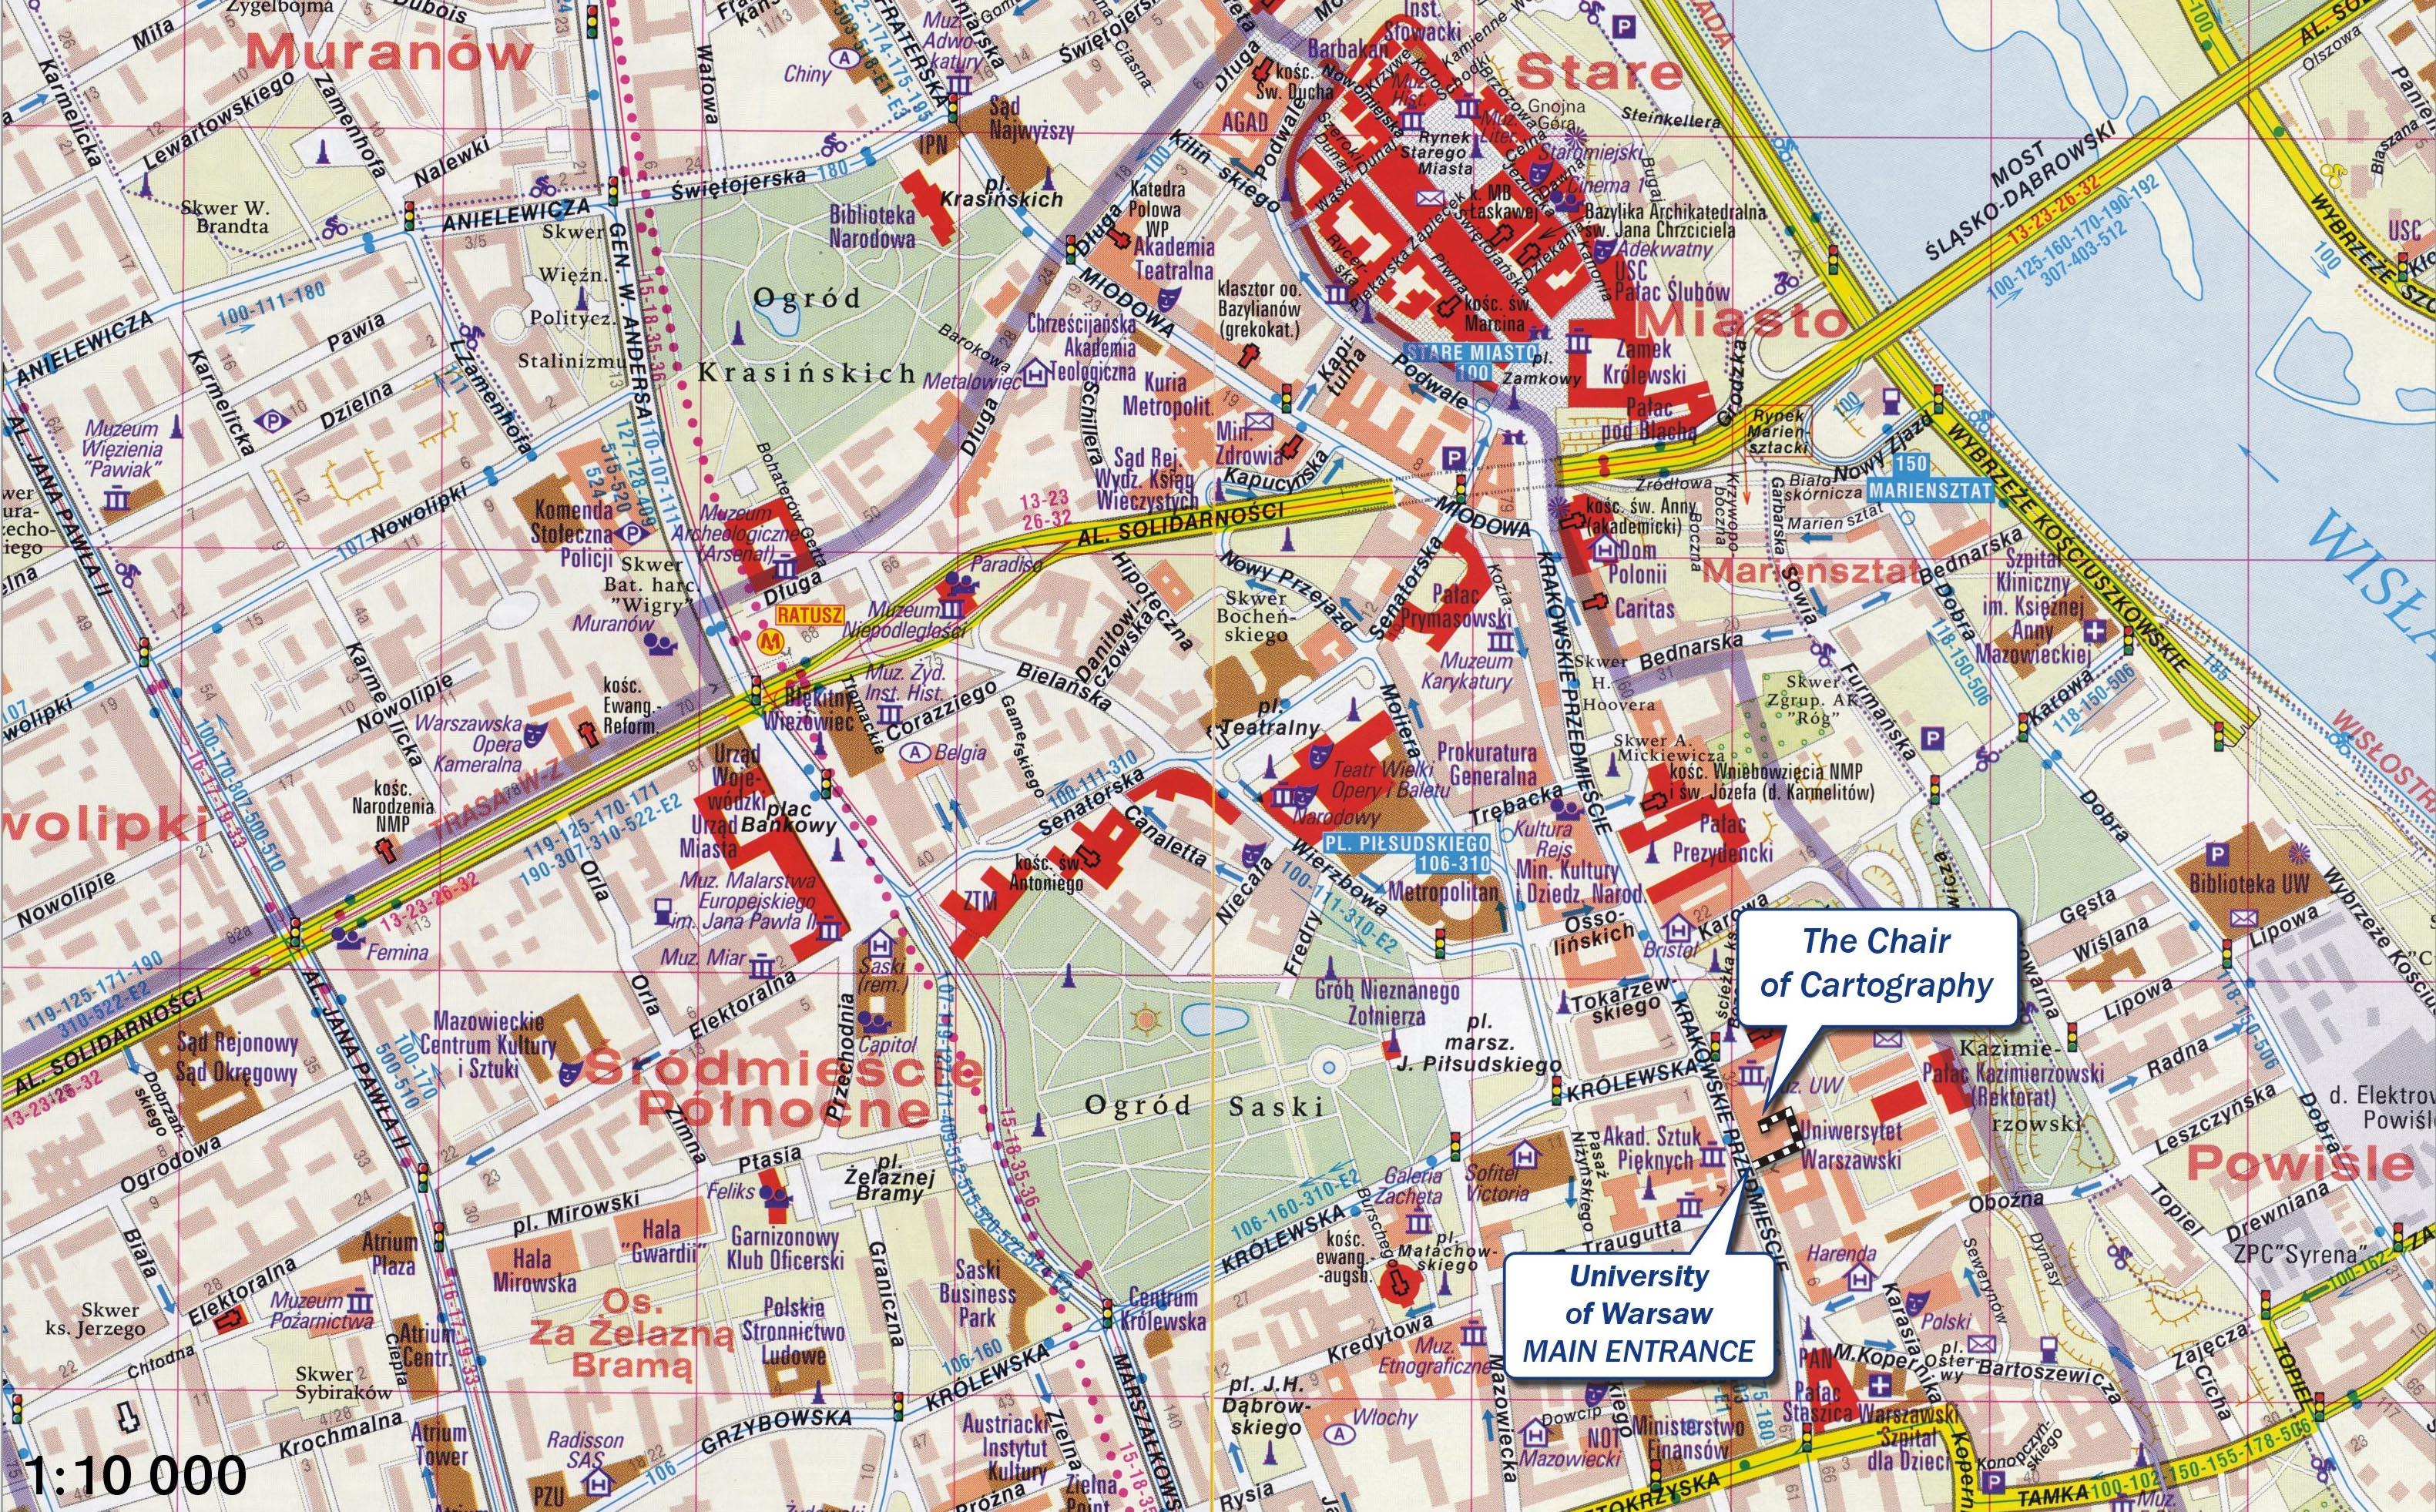 карта варшавы с улицами и районами ещё ласковые слова